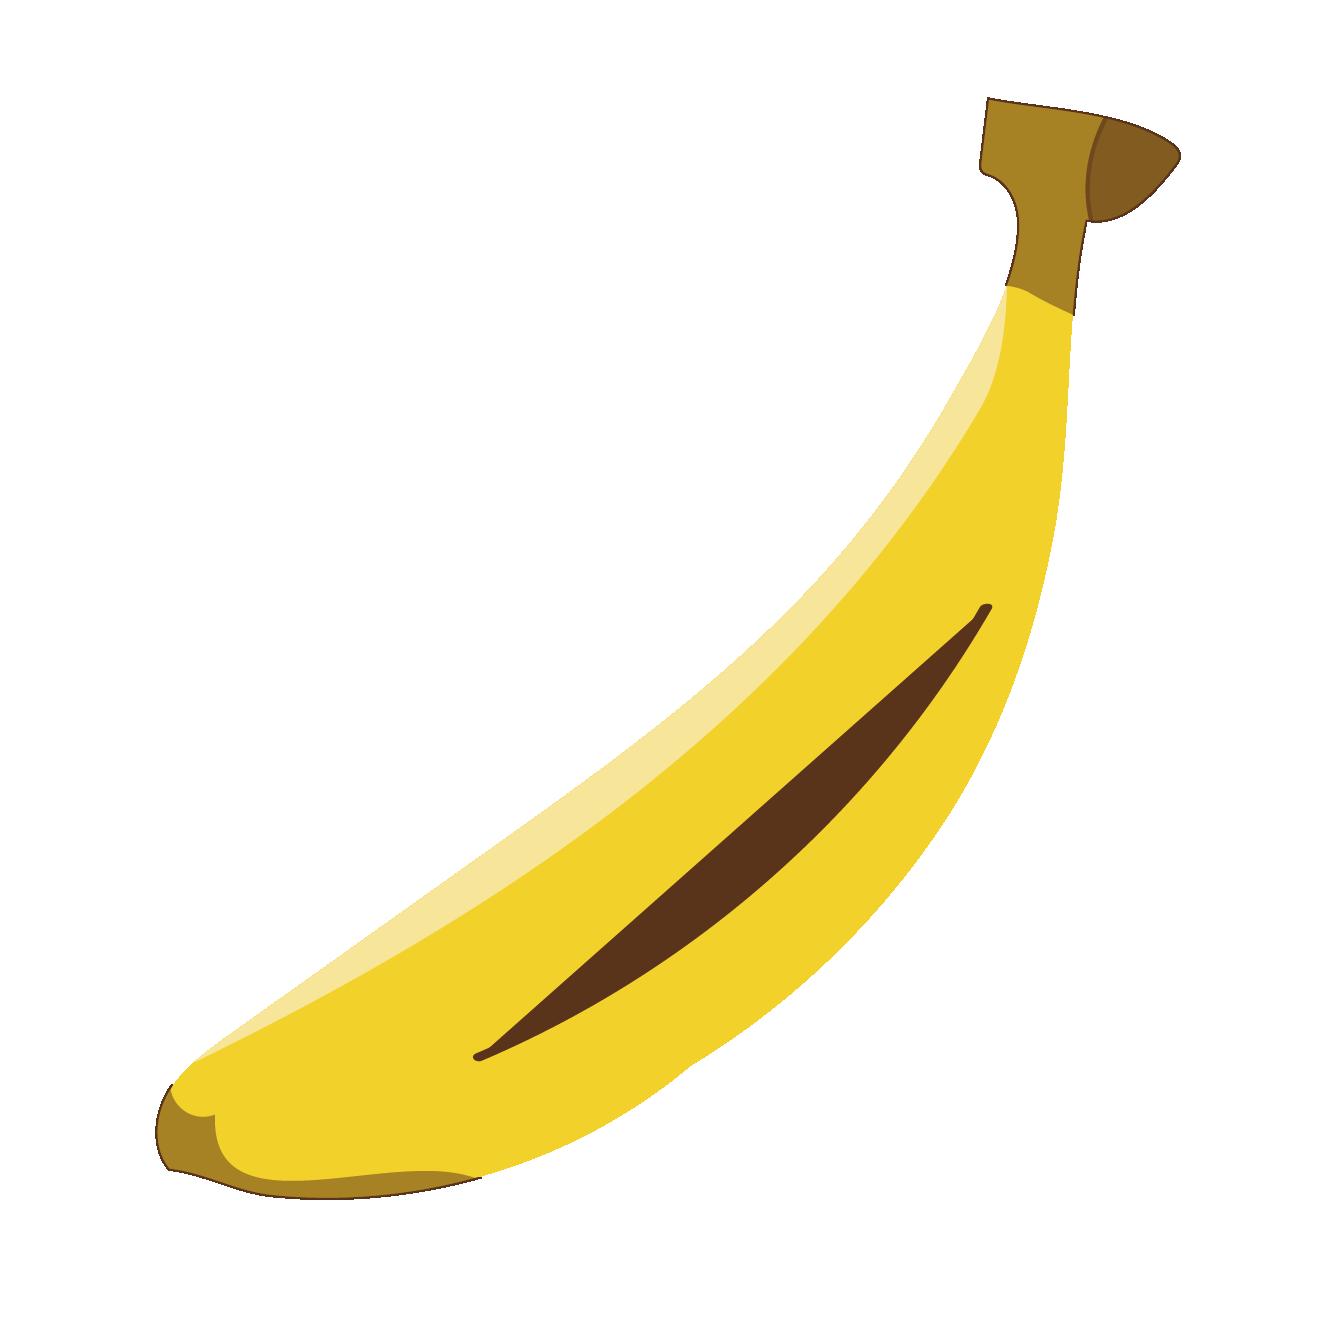 バナナ(ばなな)一本 のイラスト【果物・フルーツ】 | 商用フリー